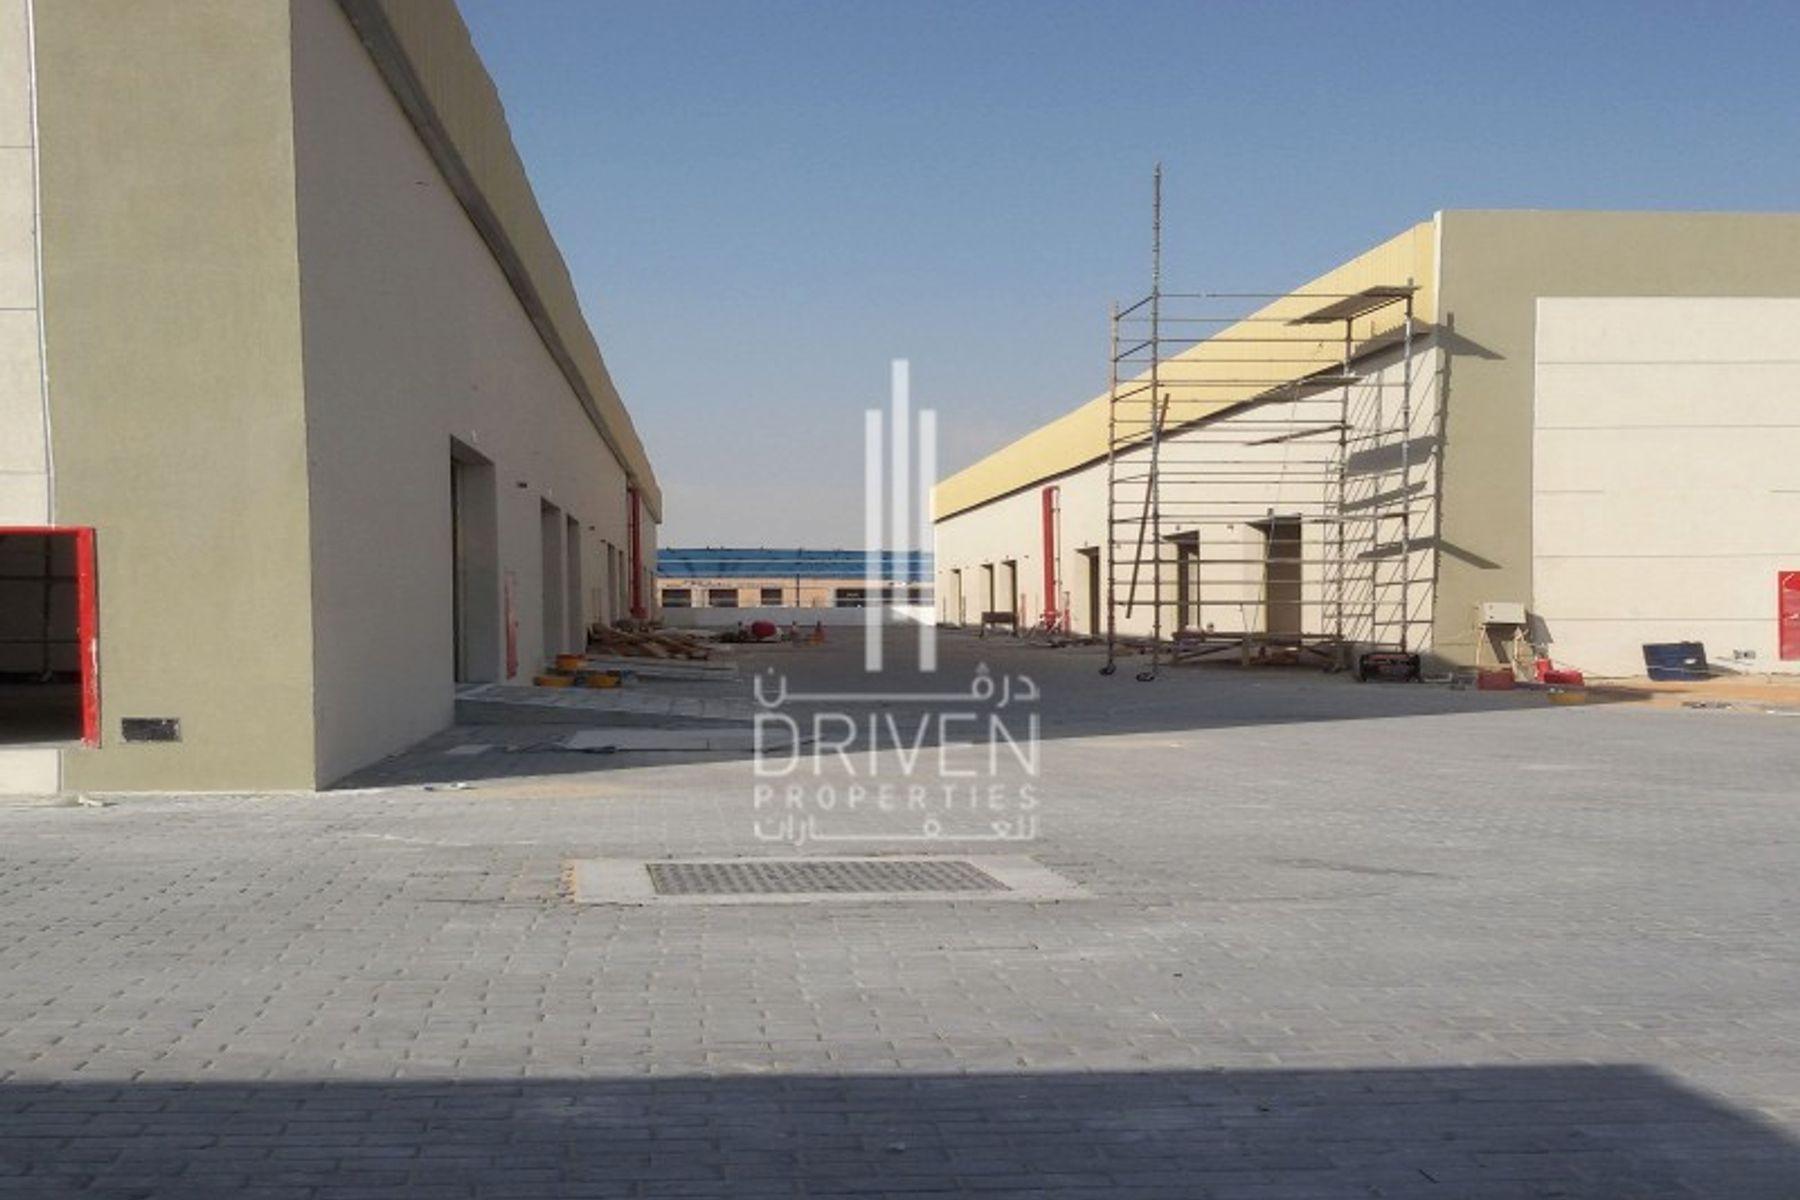 4,876 قدم مربع  مستودع - للايجار - مجمع دبي للإستثمار